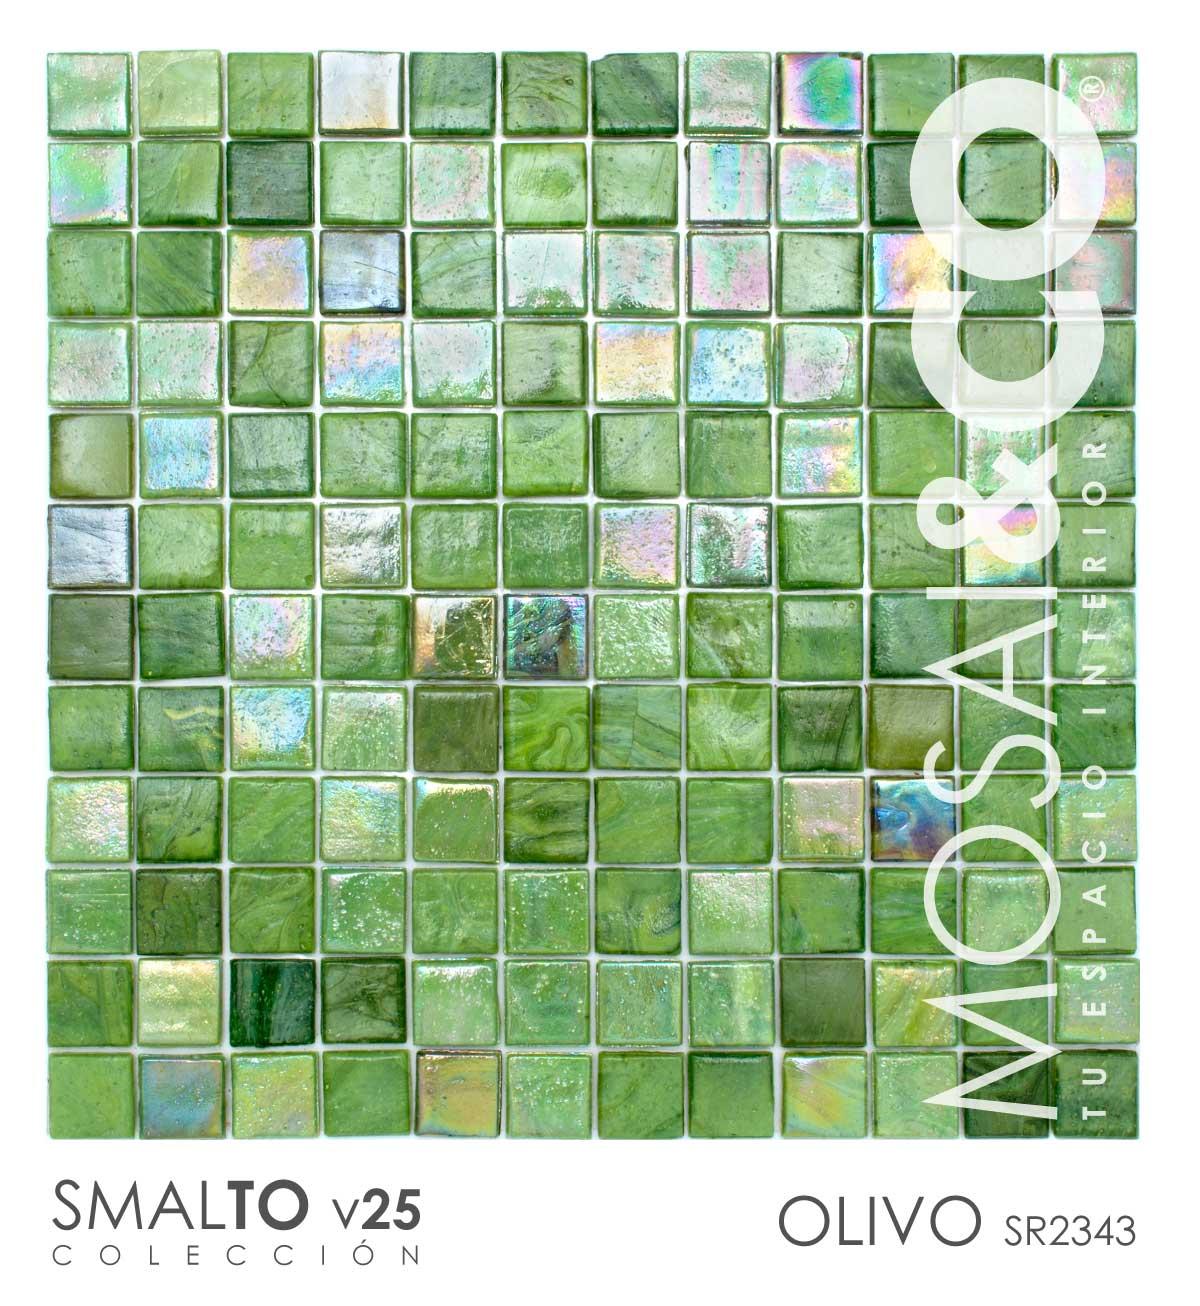 mosaico-interiores-mosaiandco-smalto-v25-olivo-sr2343